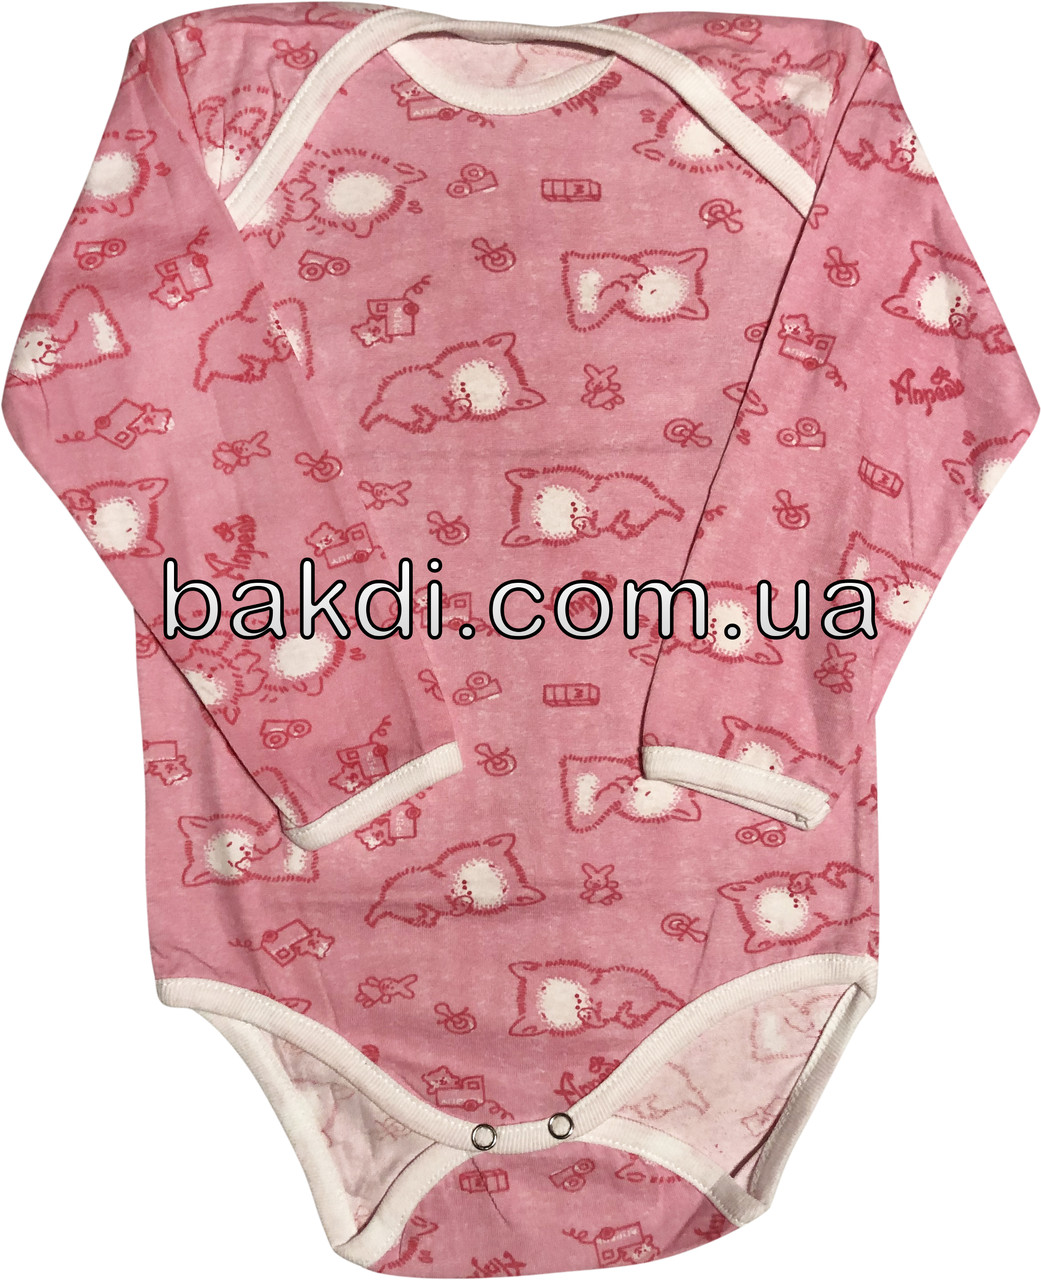 Детское тонкое боди рост 86 1-1,5 года хлопковое кулир розовое на девочку бодик с длинным рукавом для новорожденных малышей Ч780